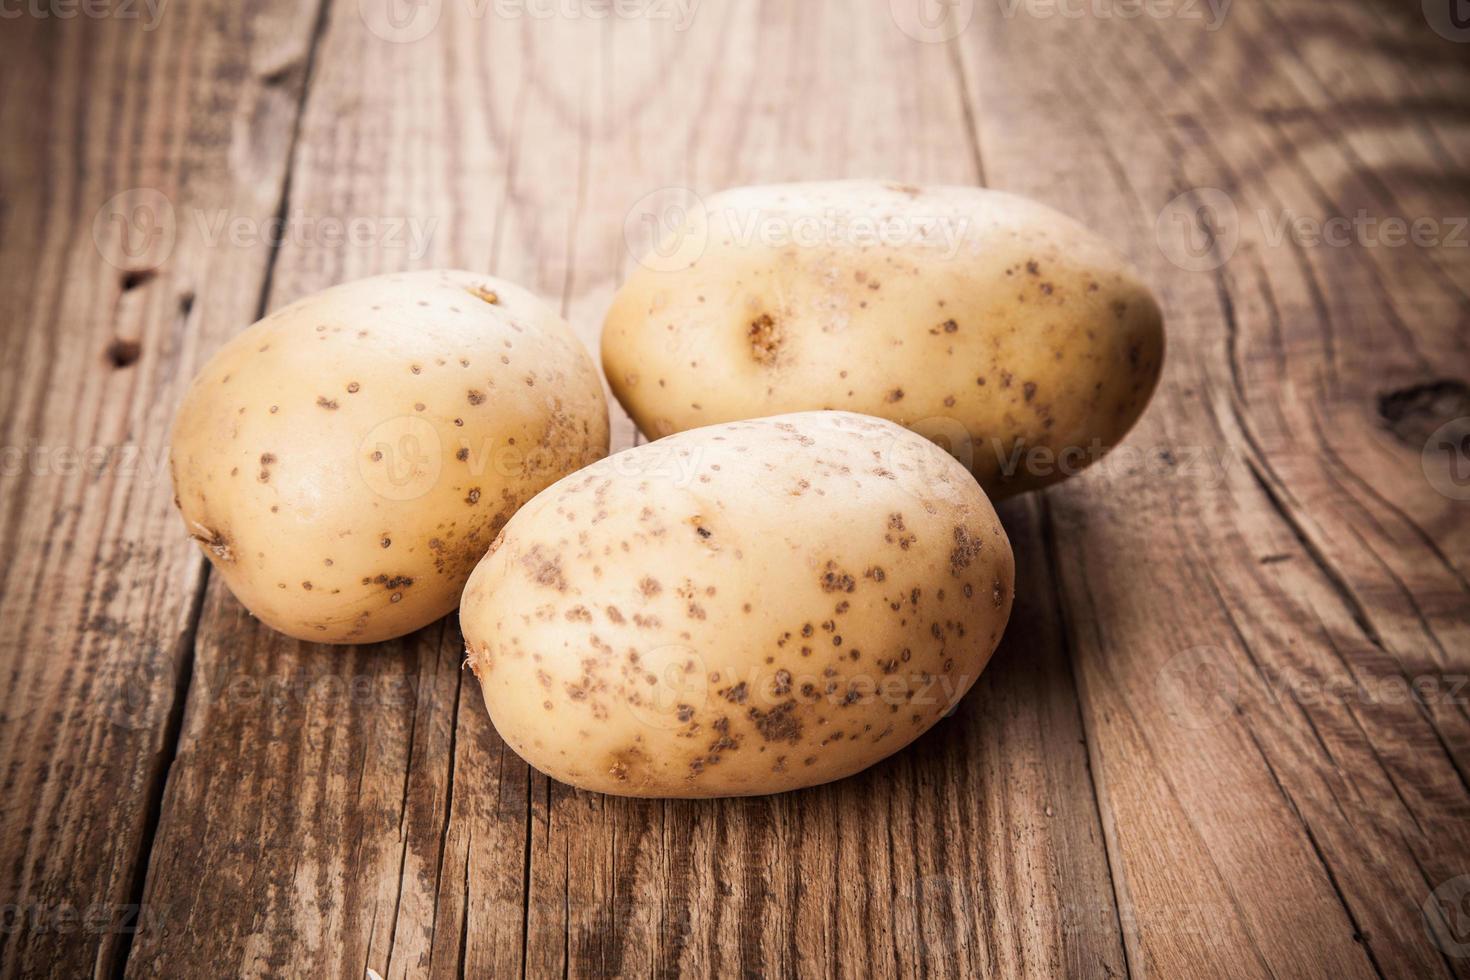 pomme de terre fraîche photo